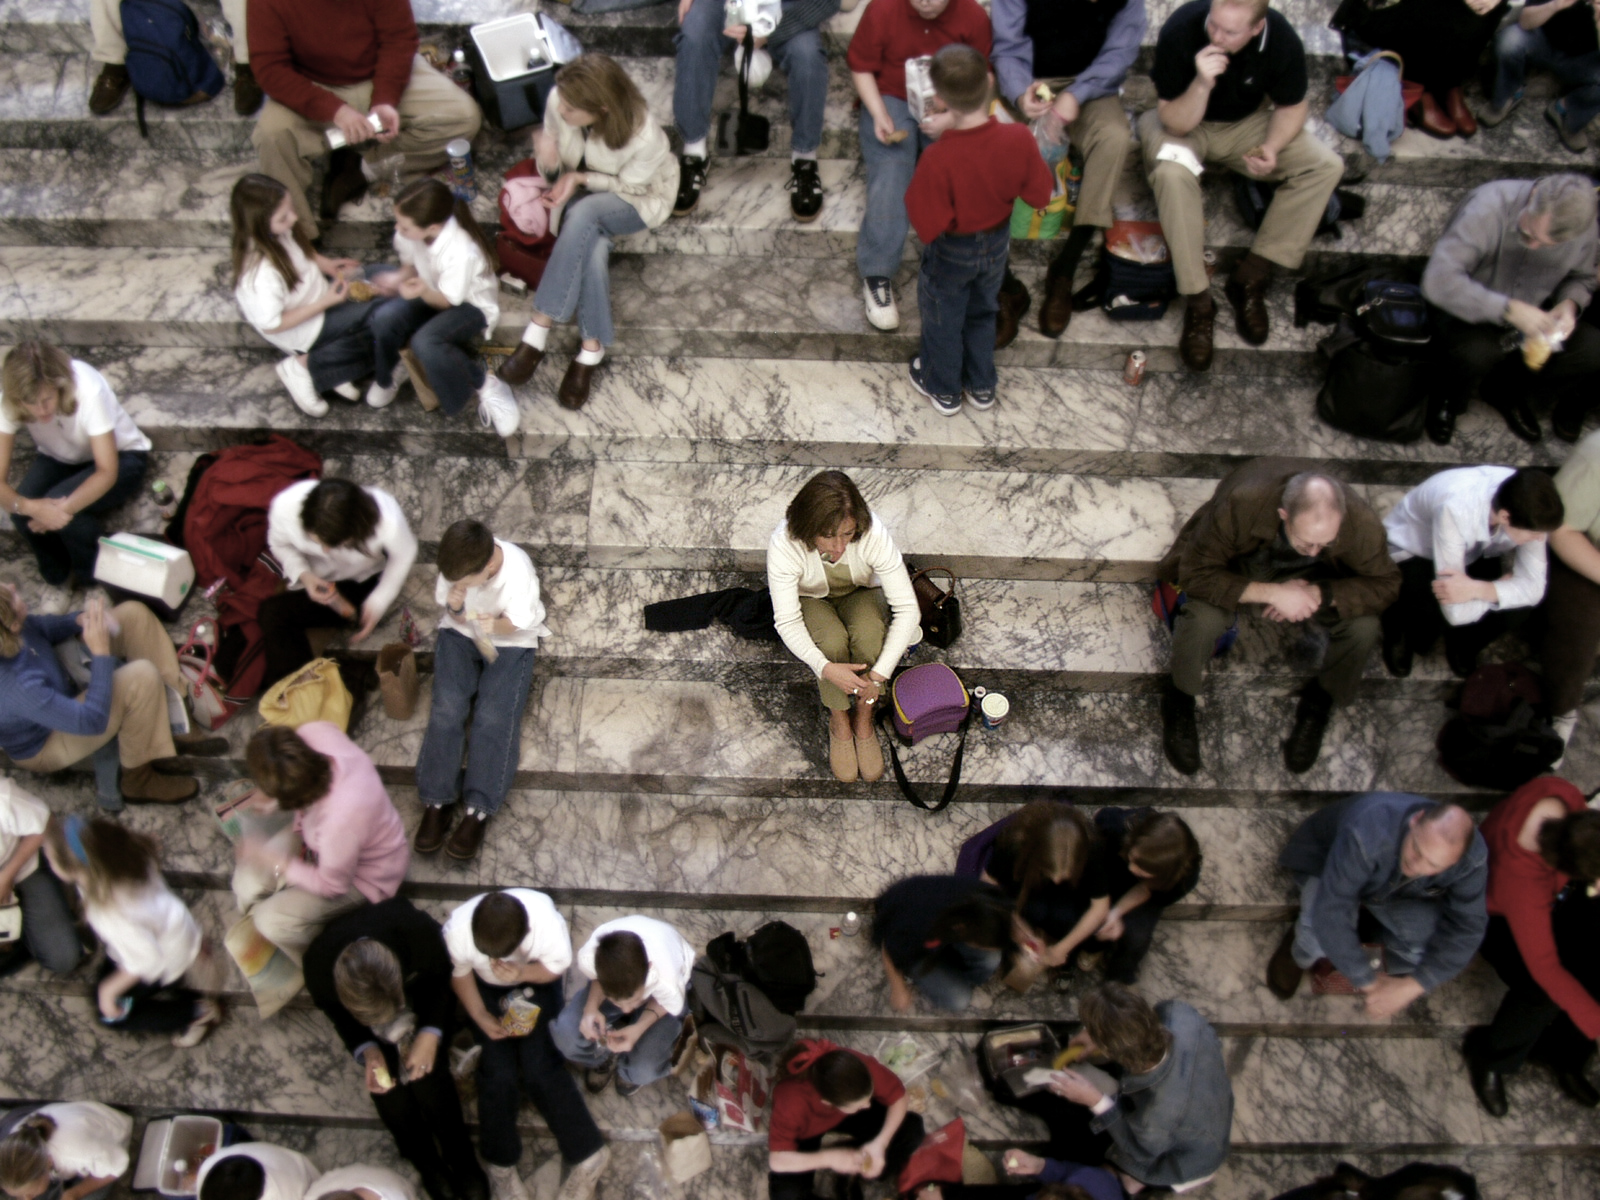 Resultado de imagem para imagens de solidão no meio da multidão